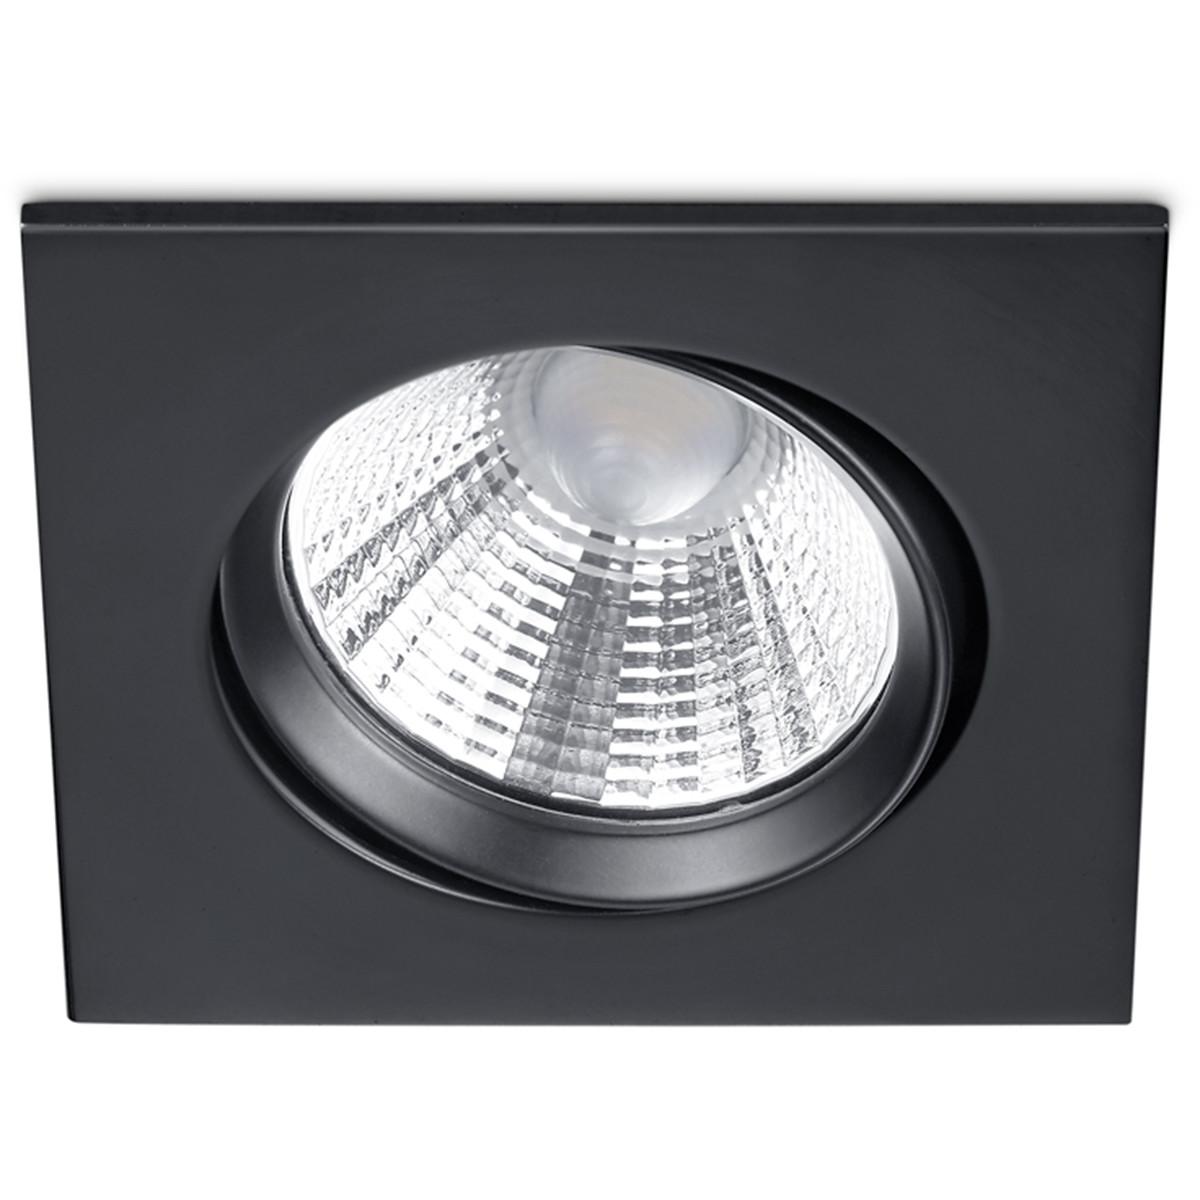 LED Spot - Inbouwspot - Trion Paniro - Vierkant 5W - Dimbaar - Warm Wit 3000K - Mat Zwart - Aluminiu